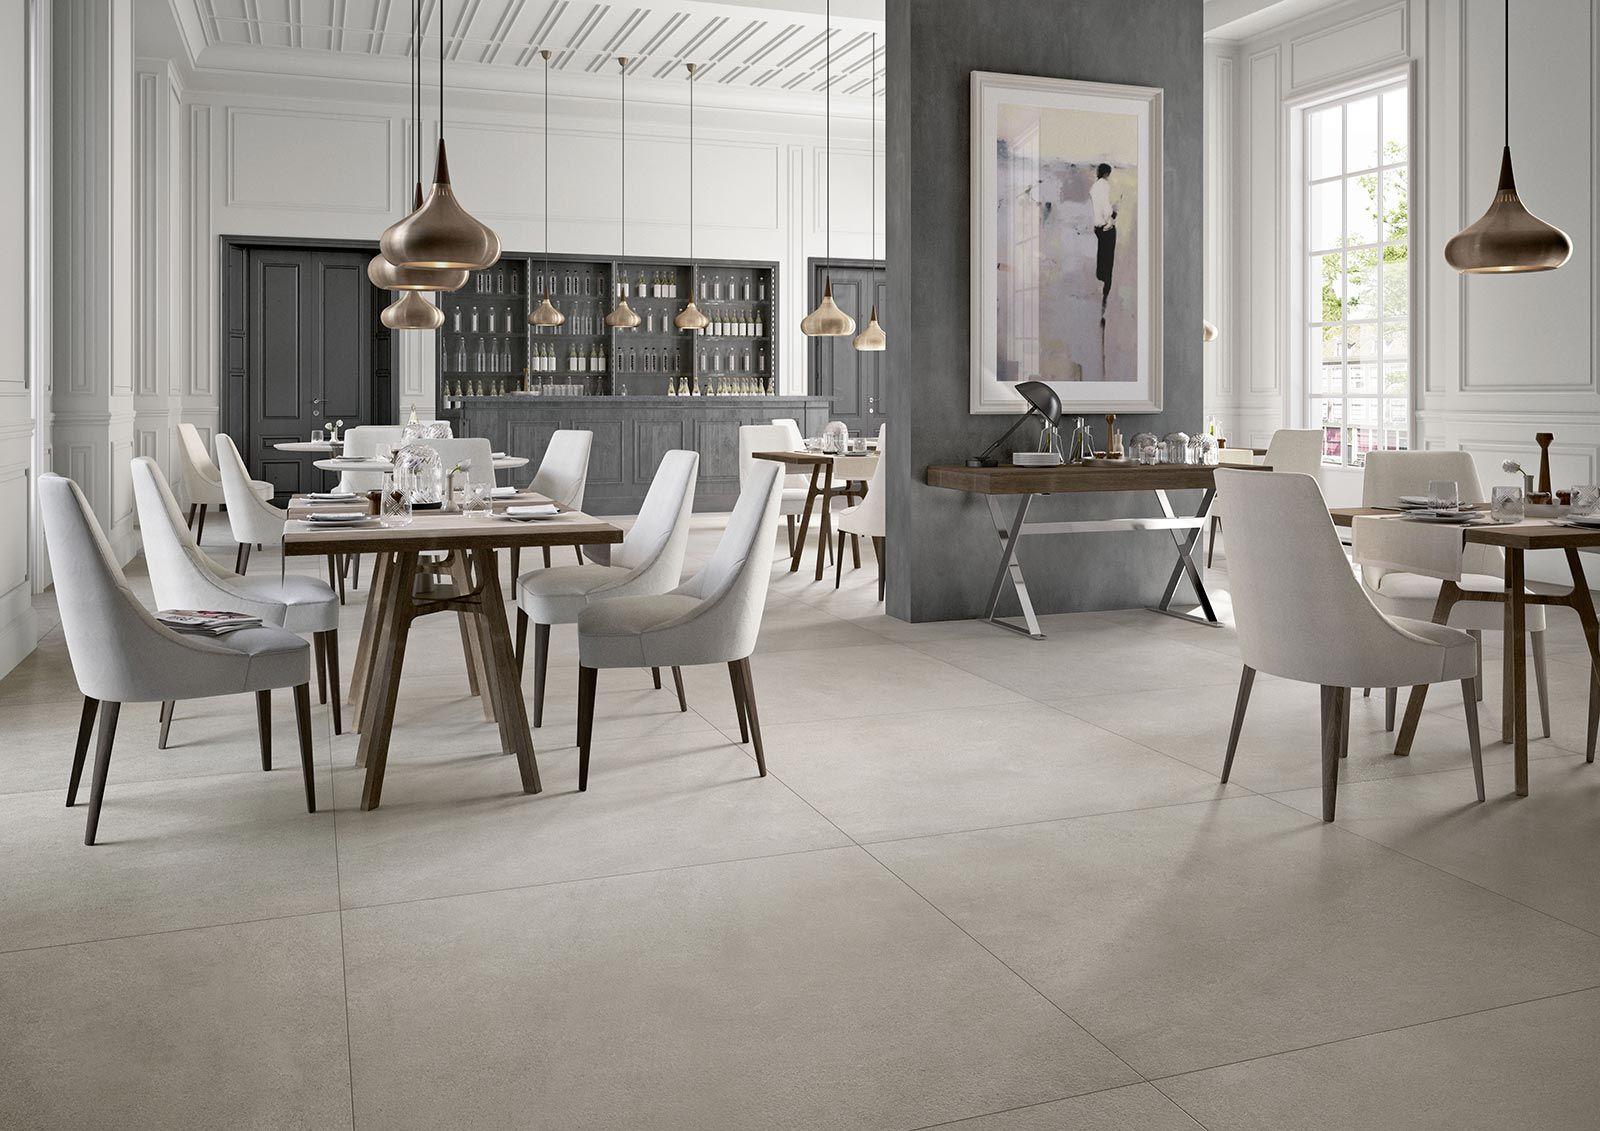 Gres Porcellanato Piastrelle Cucina xlstone - pavimenti in gres porcellanato effetto pietra per